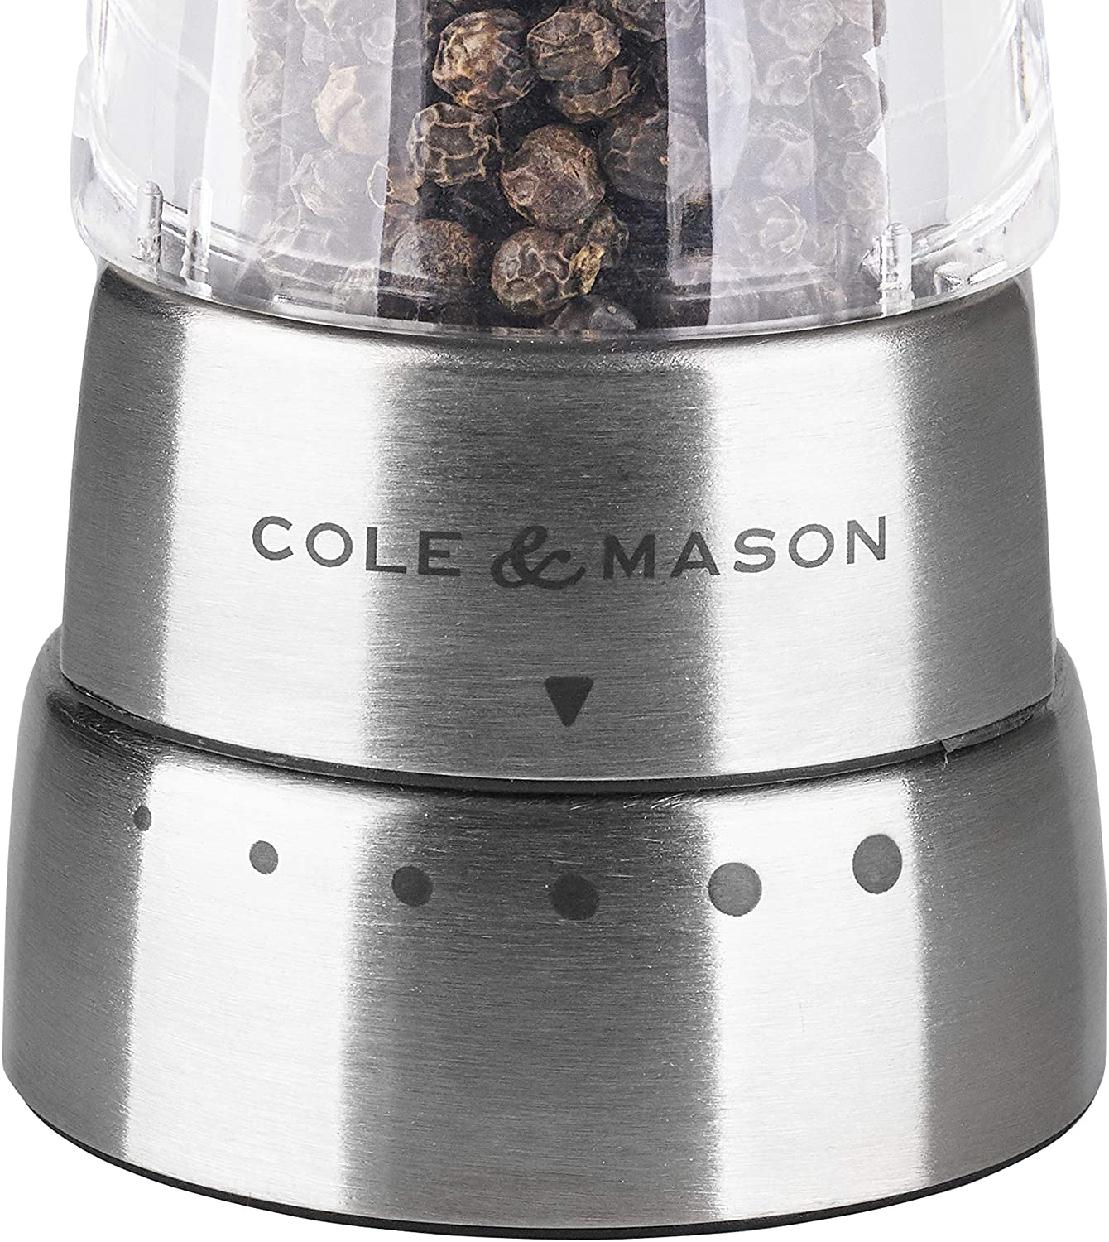 COLE & MASON(コールアンドメイソン)ペッパーミル グルメプレシジョン ダーウェントの商品画像3